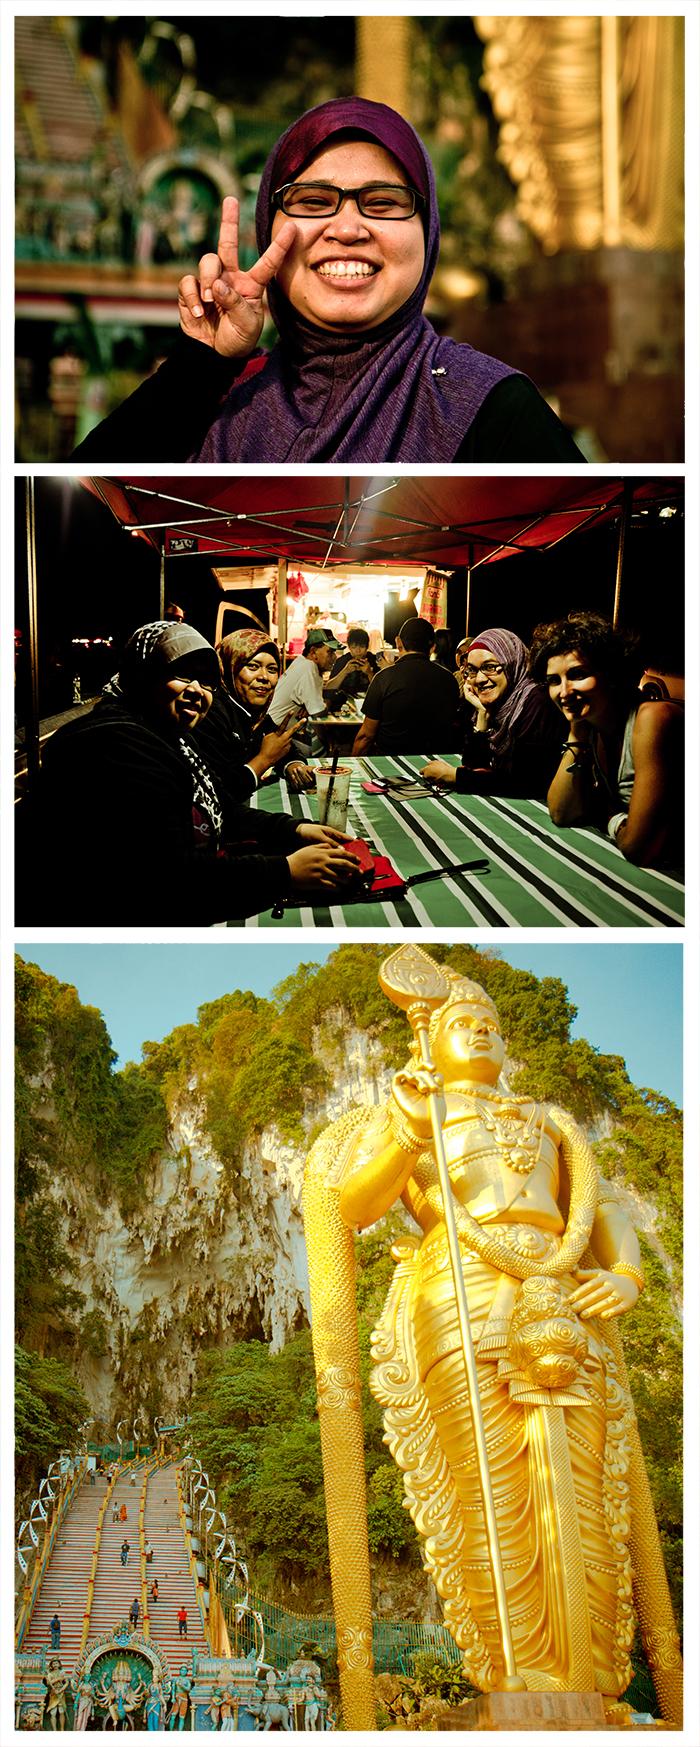 liahna_malasia_couchsurfing_algo_que_recordar_02